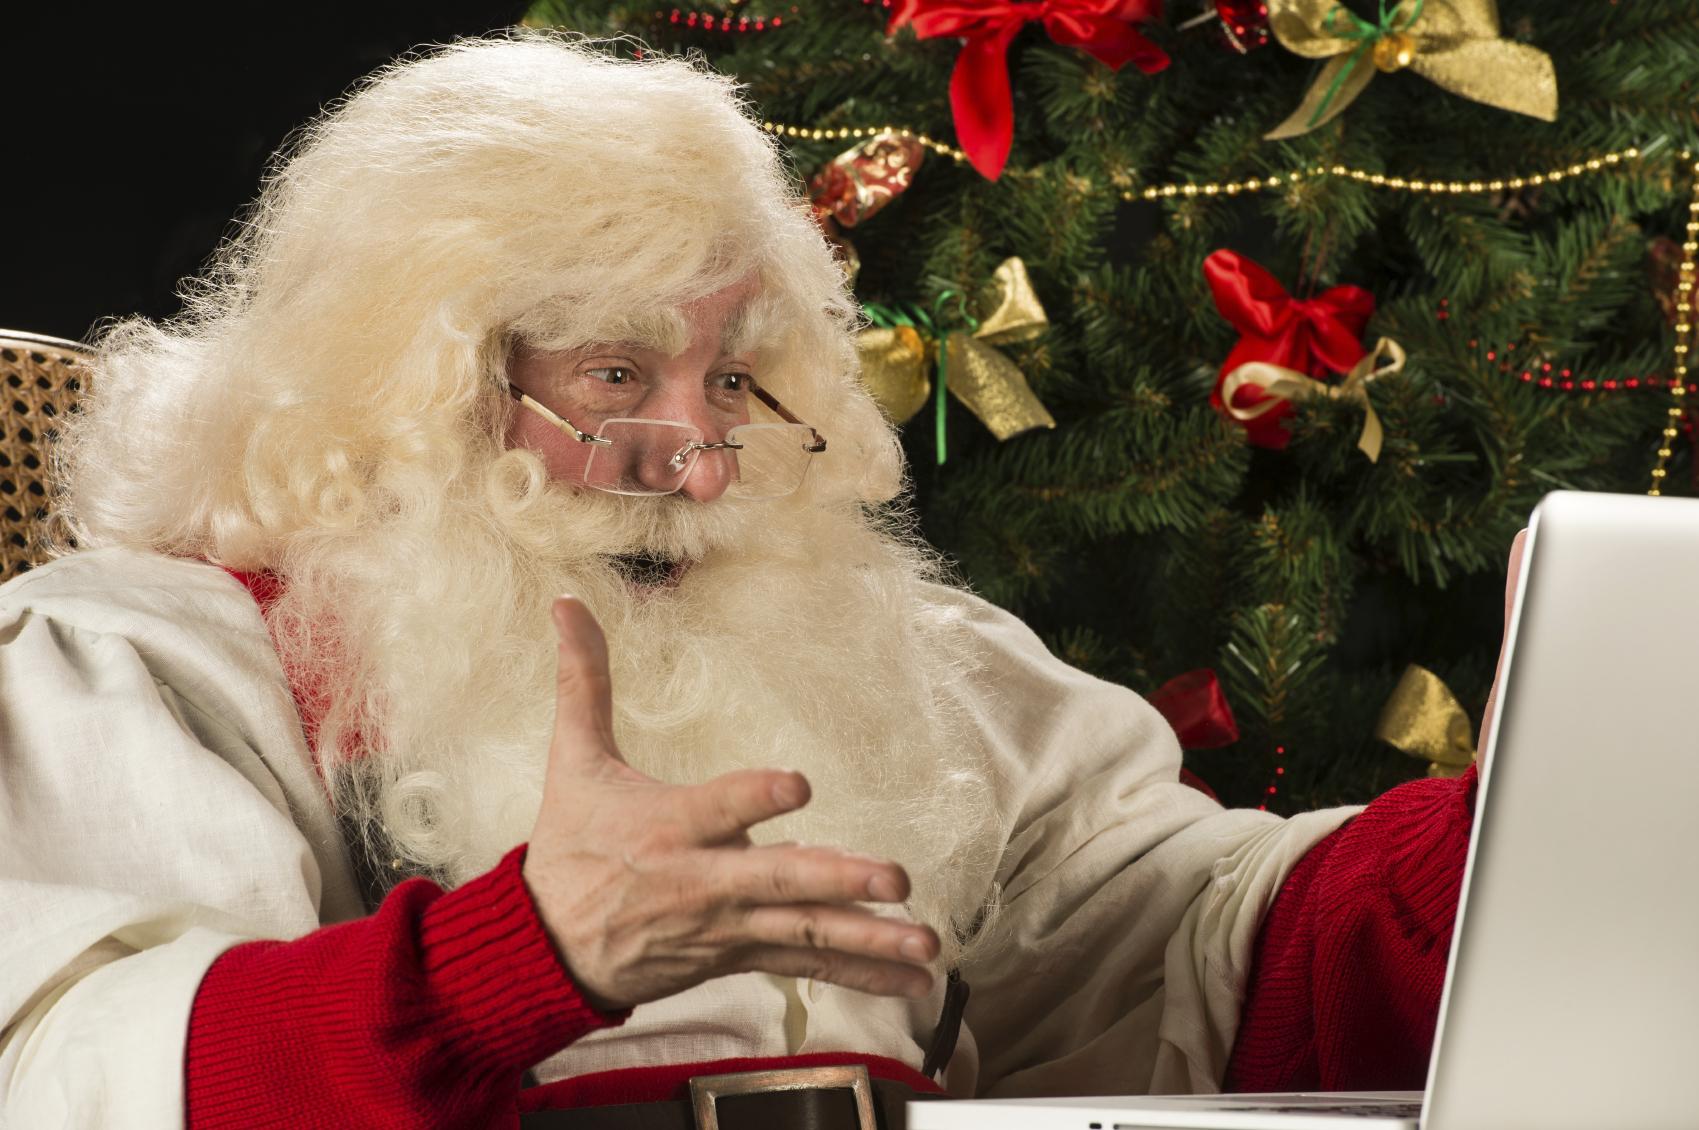 Ny rapport: Julhandeln väntas nå sin topp 7 december